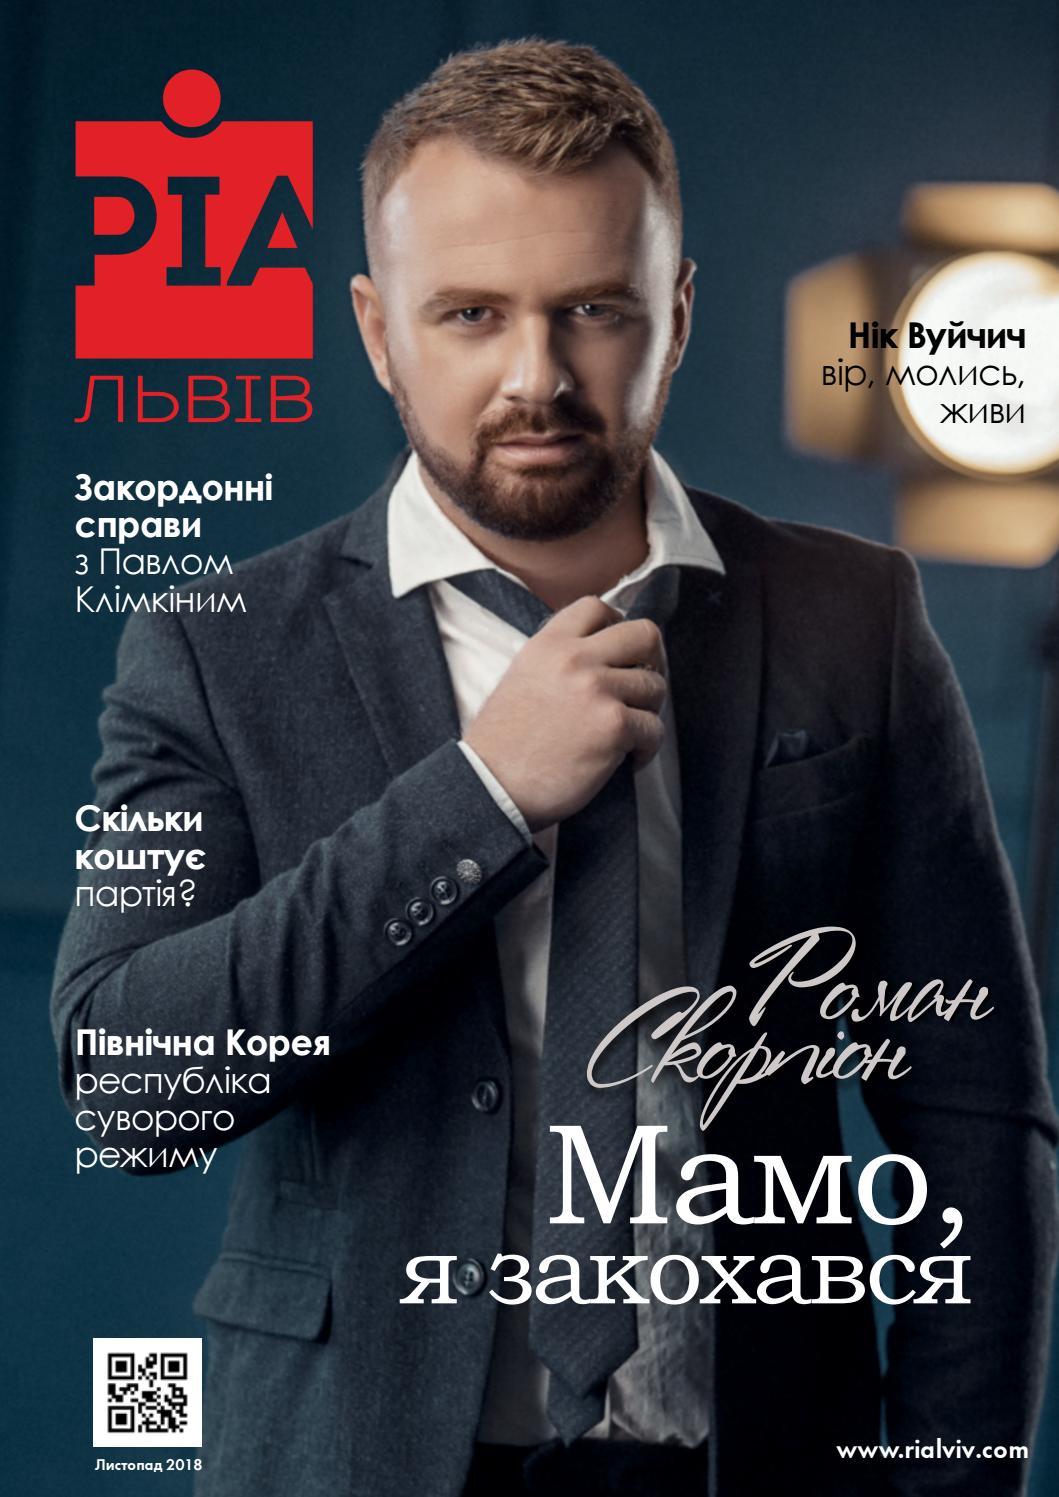 РІА Львів №21 (листопад 2018) by РІА Львів - issuu cec77a2056b94